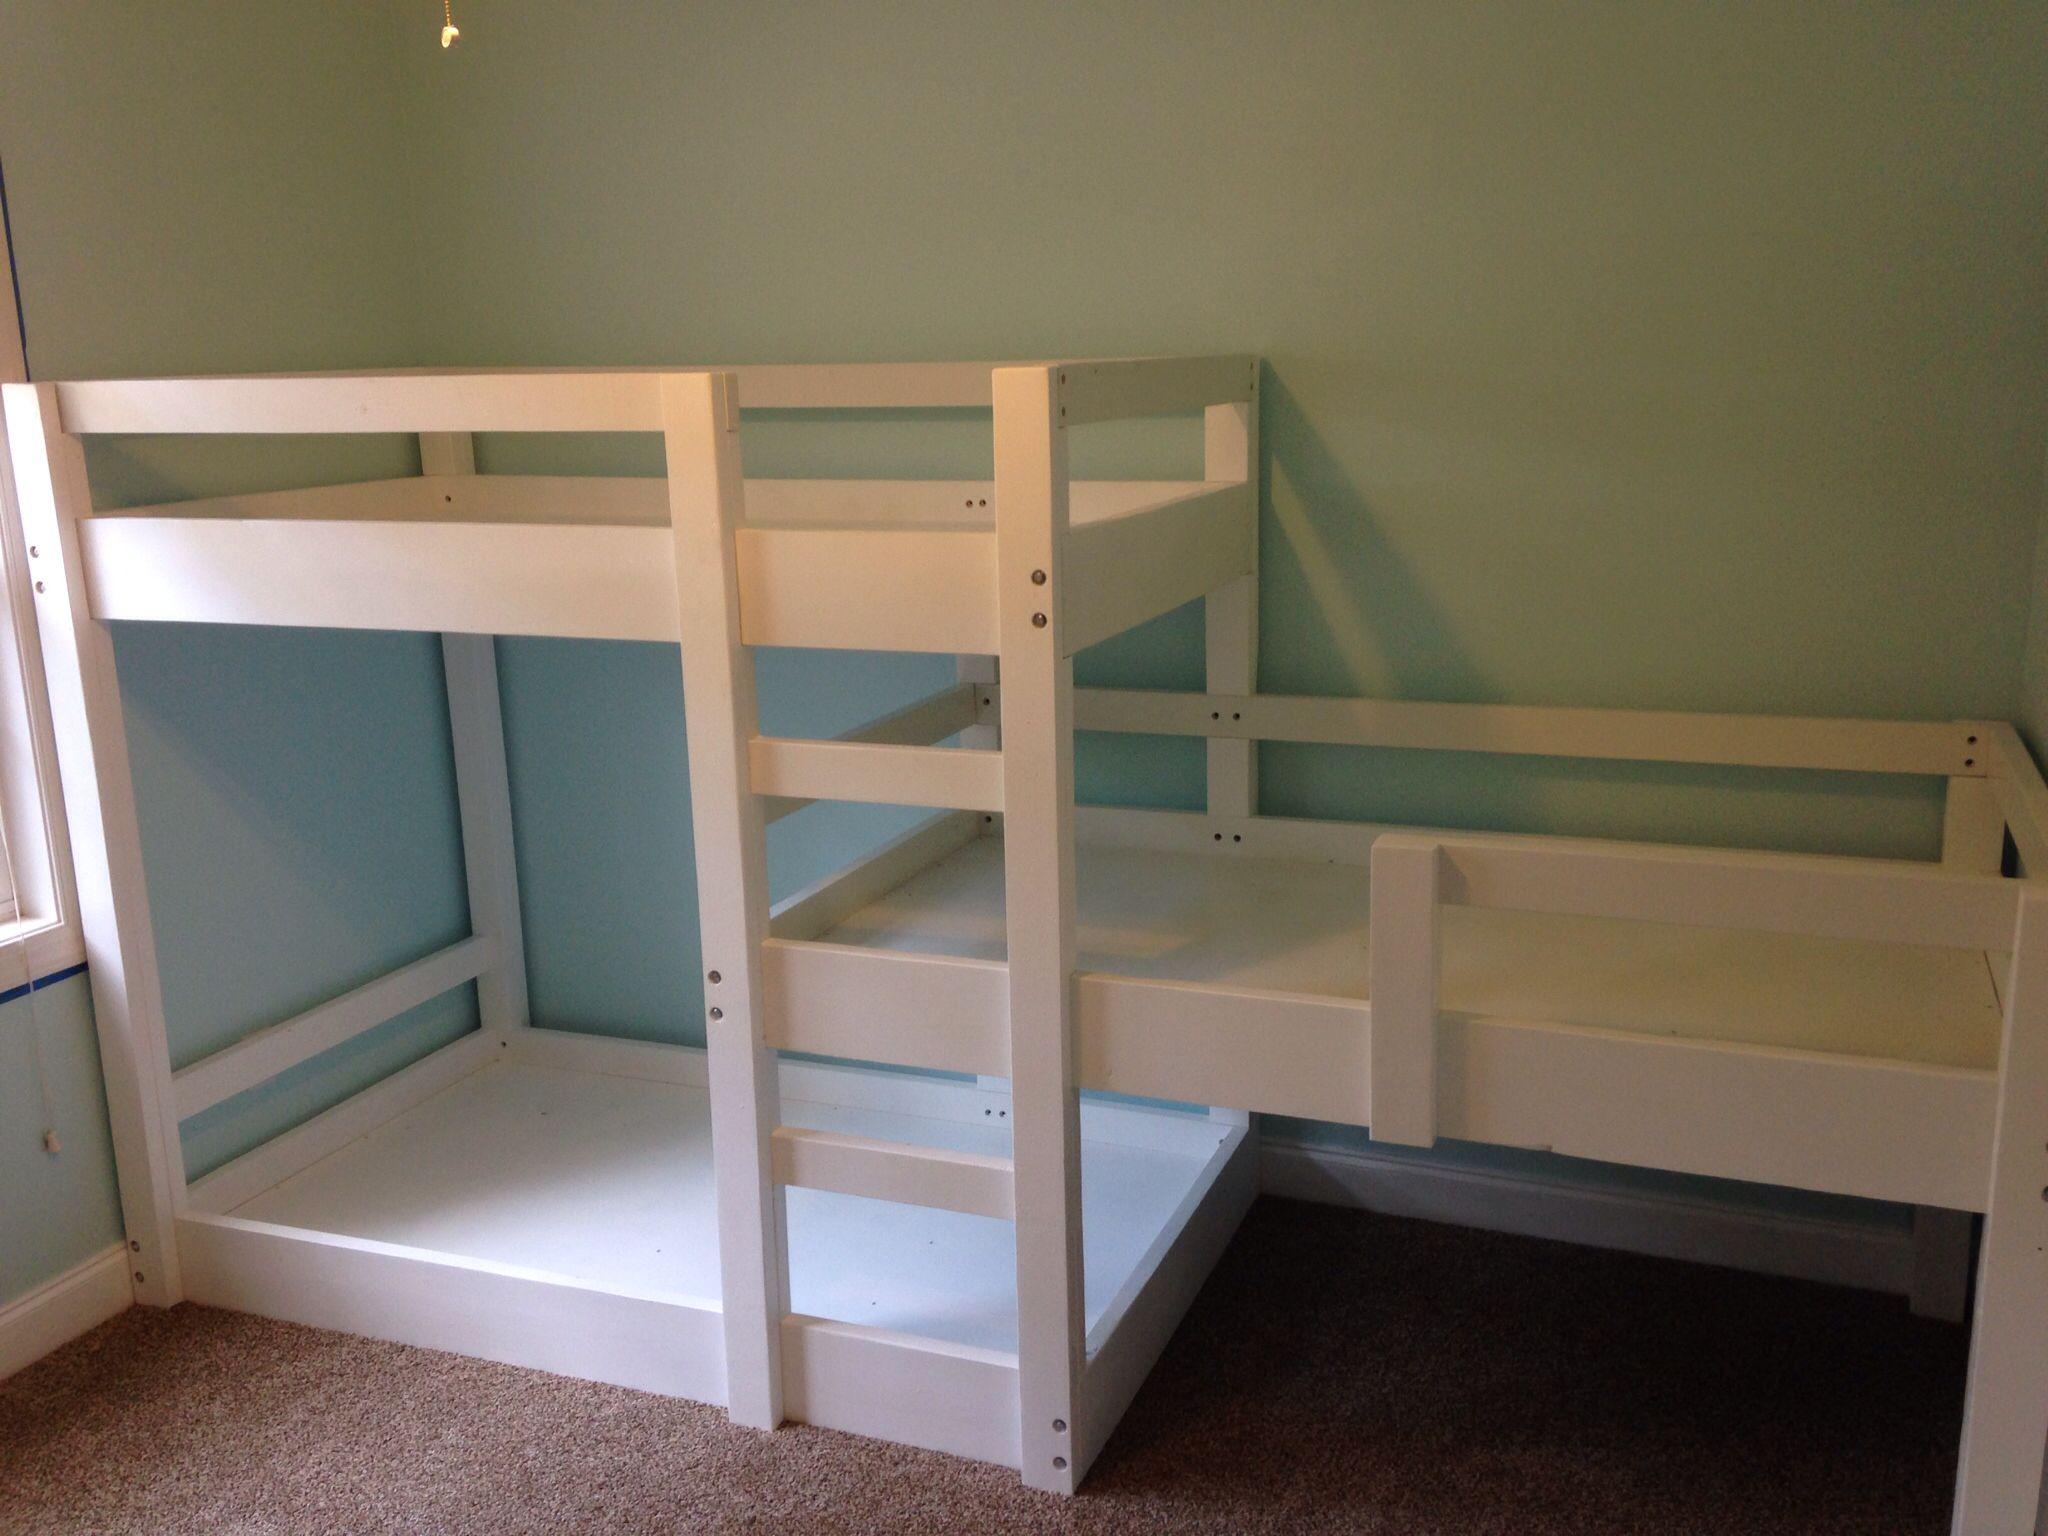 Loft bed with stairs diy  Triple Bunk Bed Build  Dormitorios niños  Pinterest  Triple bunk